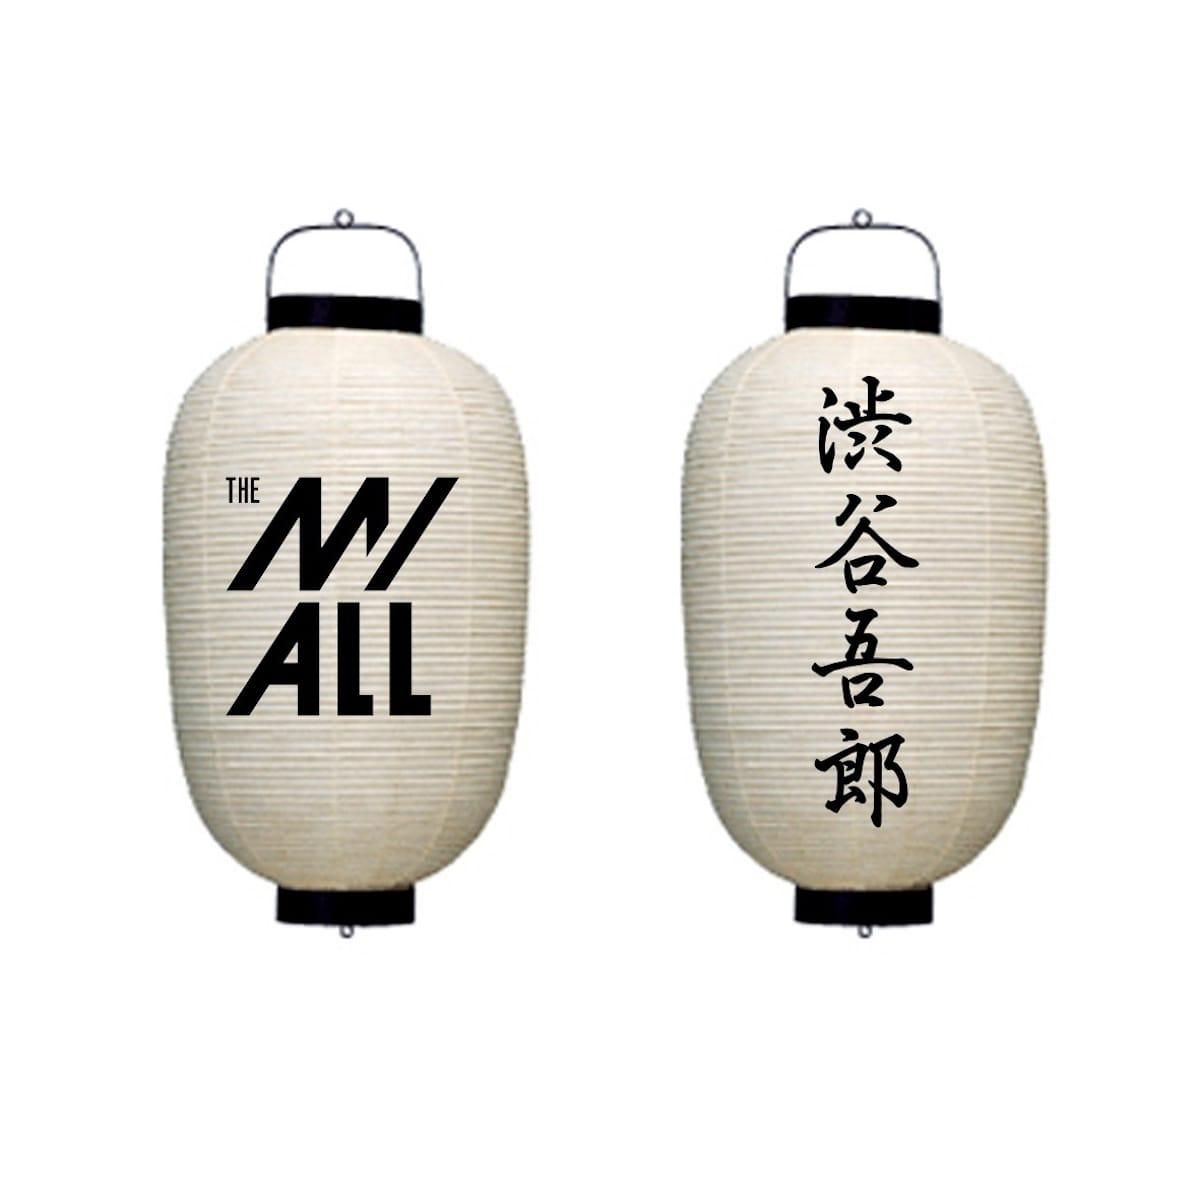 """「音楽」「アート」「社会」をひとつに繋ぐ""""カルチャーのショッピングモール""""「THE M/ALL」初開催決定 artculture180320_themall0526_6-1200x1200"""